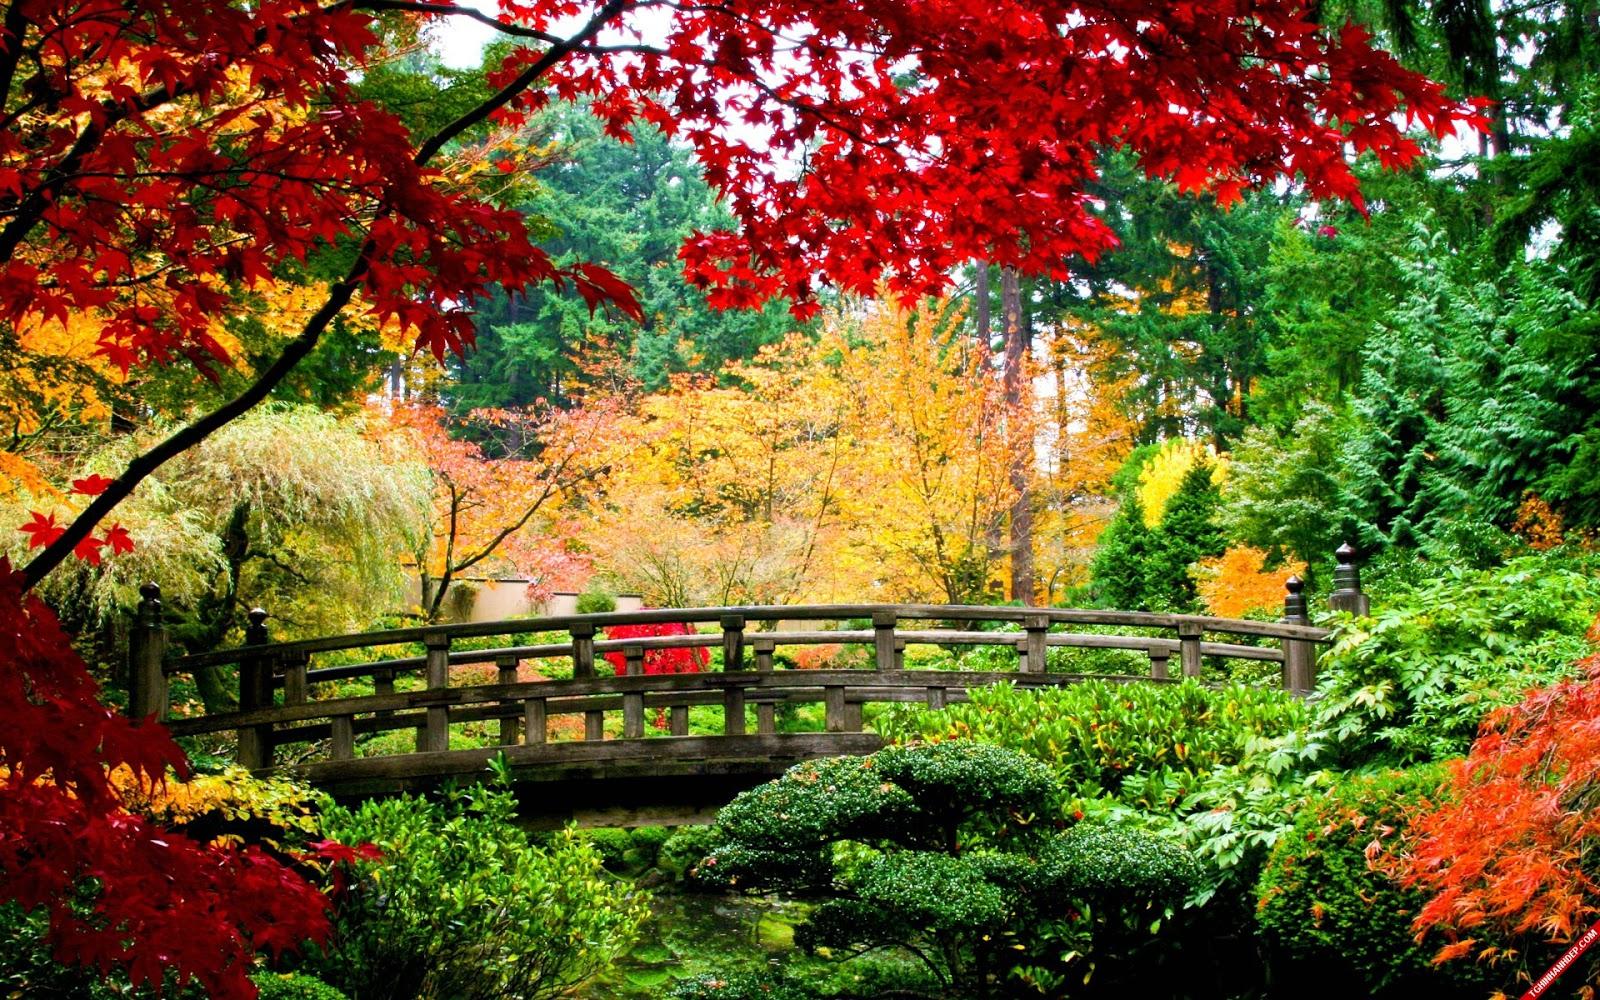 hình nền cây cầu gỗ giữa thiên nhiên rất đẹp